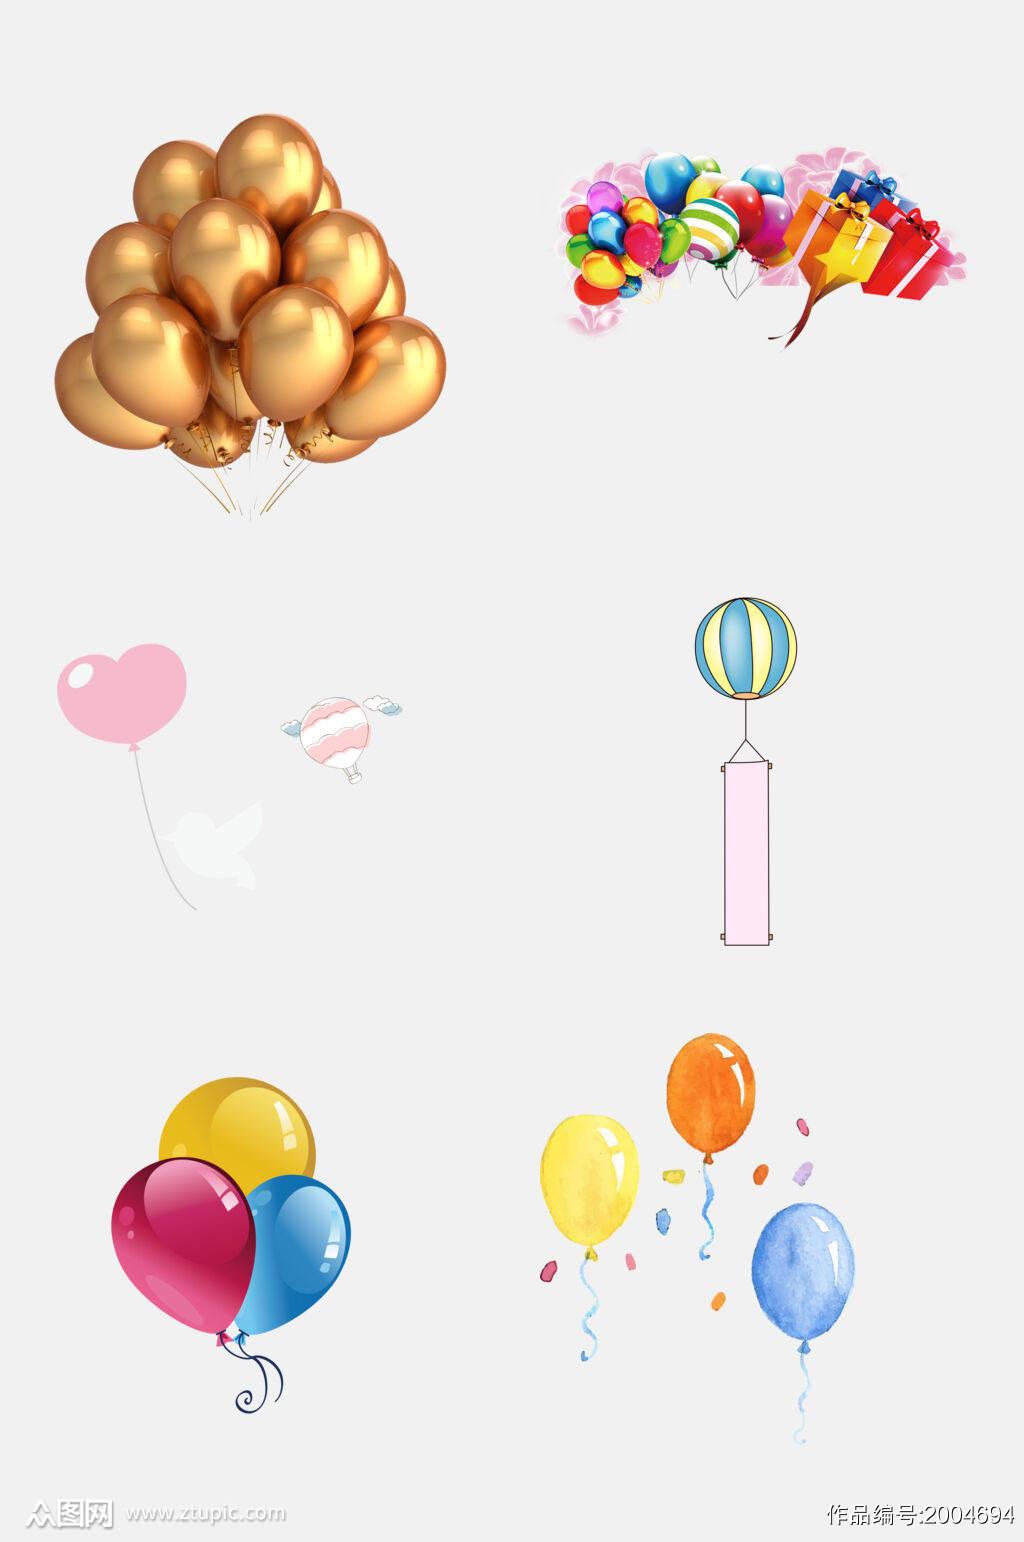 时尚水彩高端气球免抠元素素材